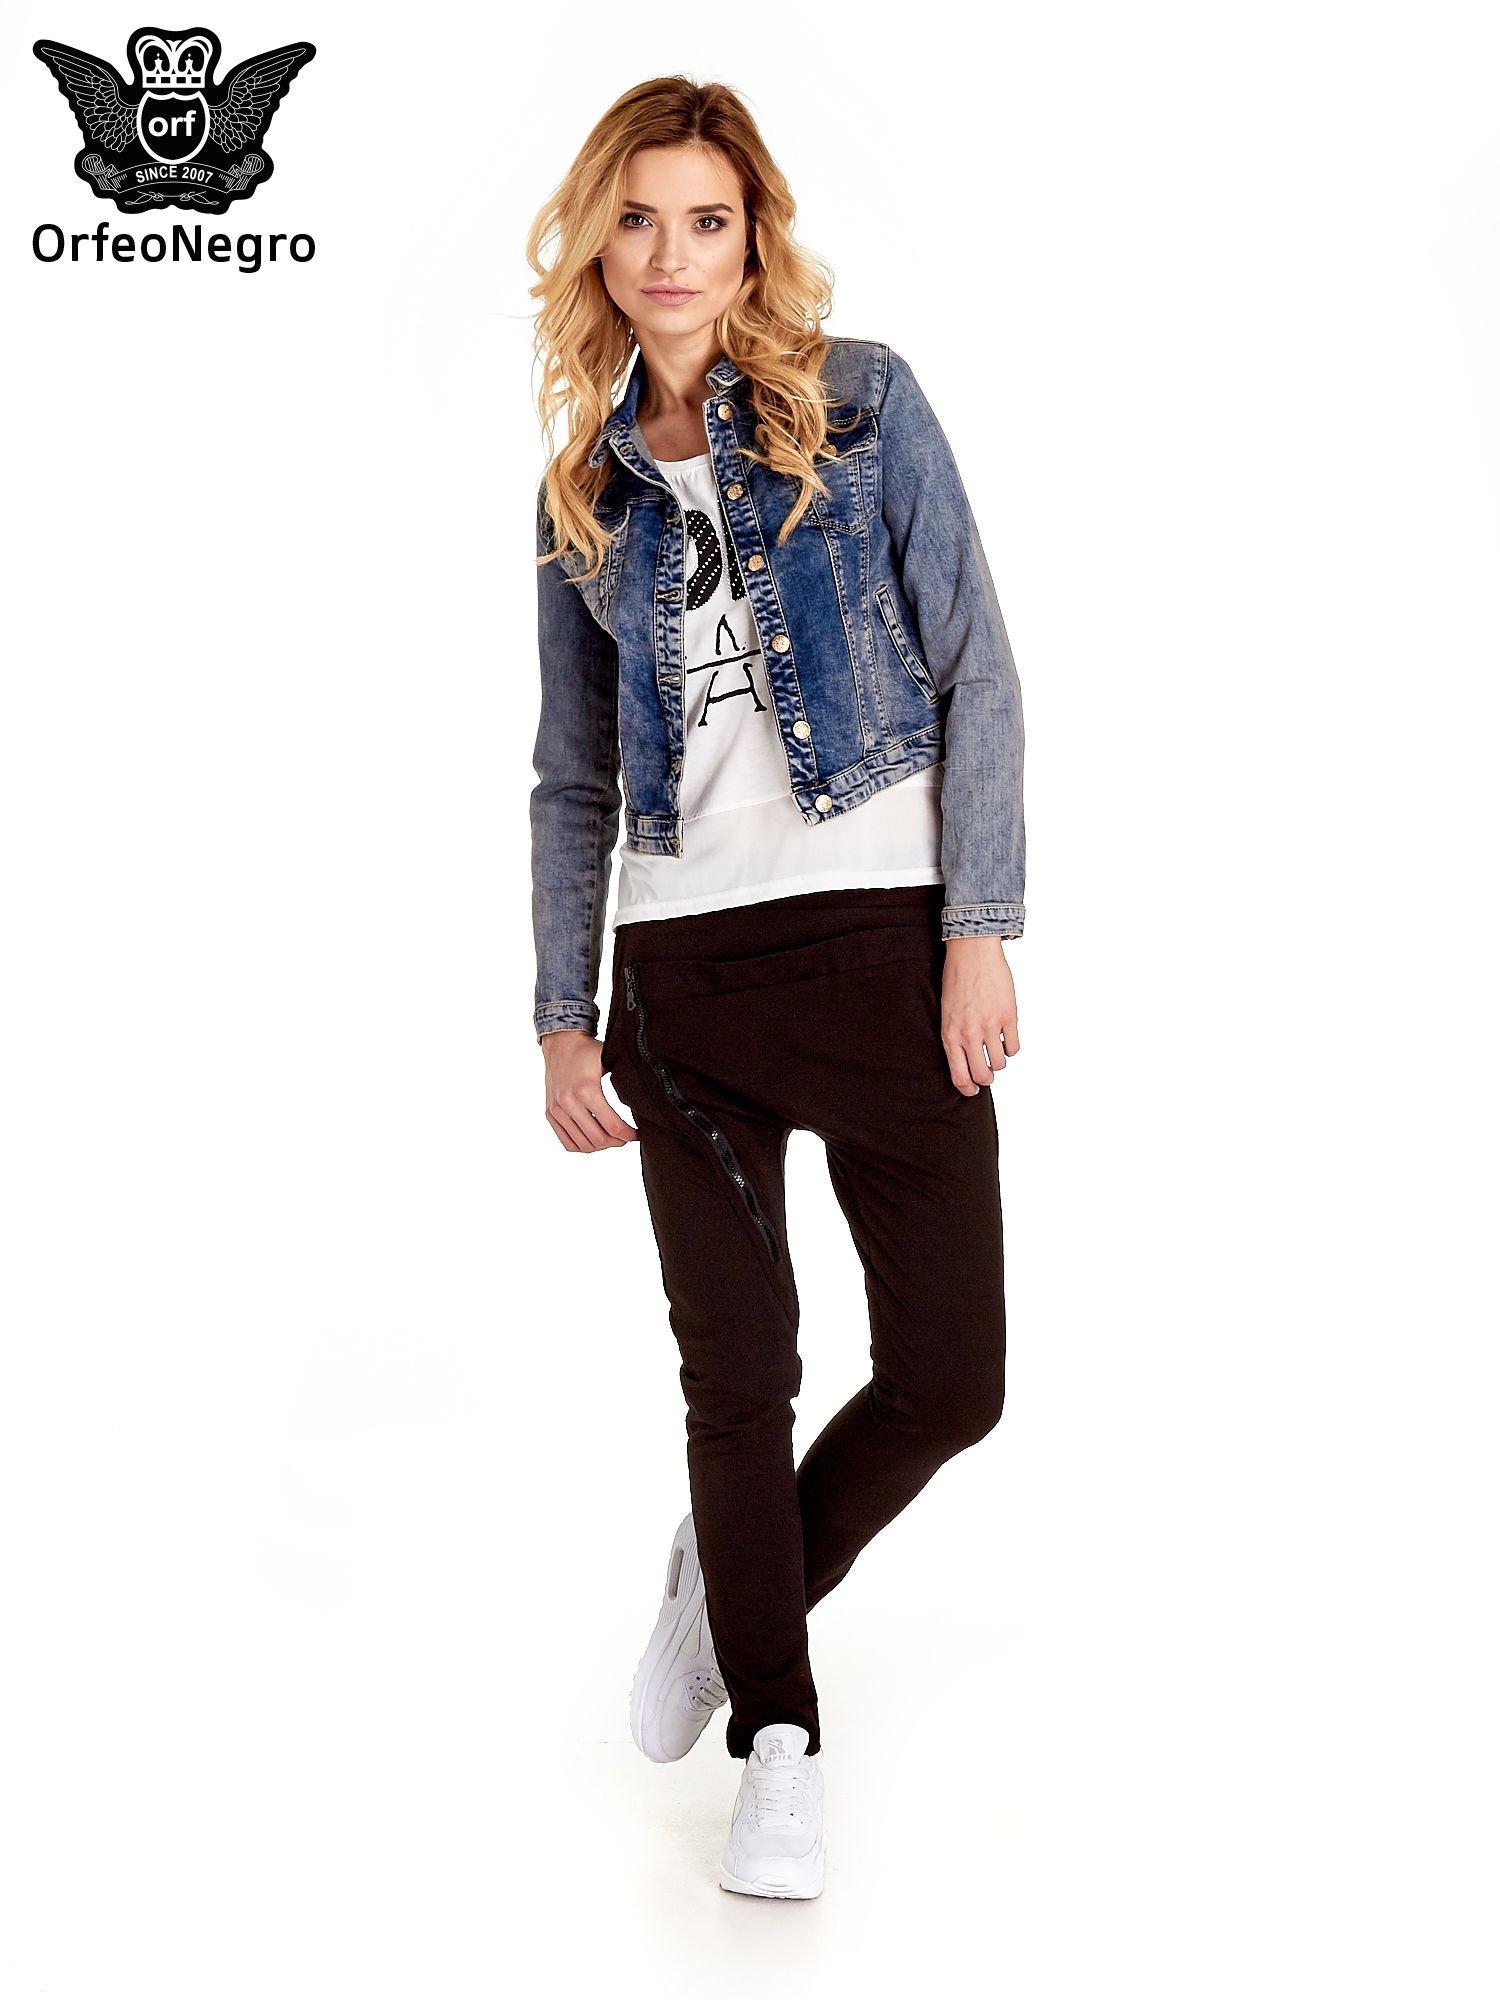 Ciemnoniebieska klasyczna kurtka jeansowa damska                                  zdj.                                  2